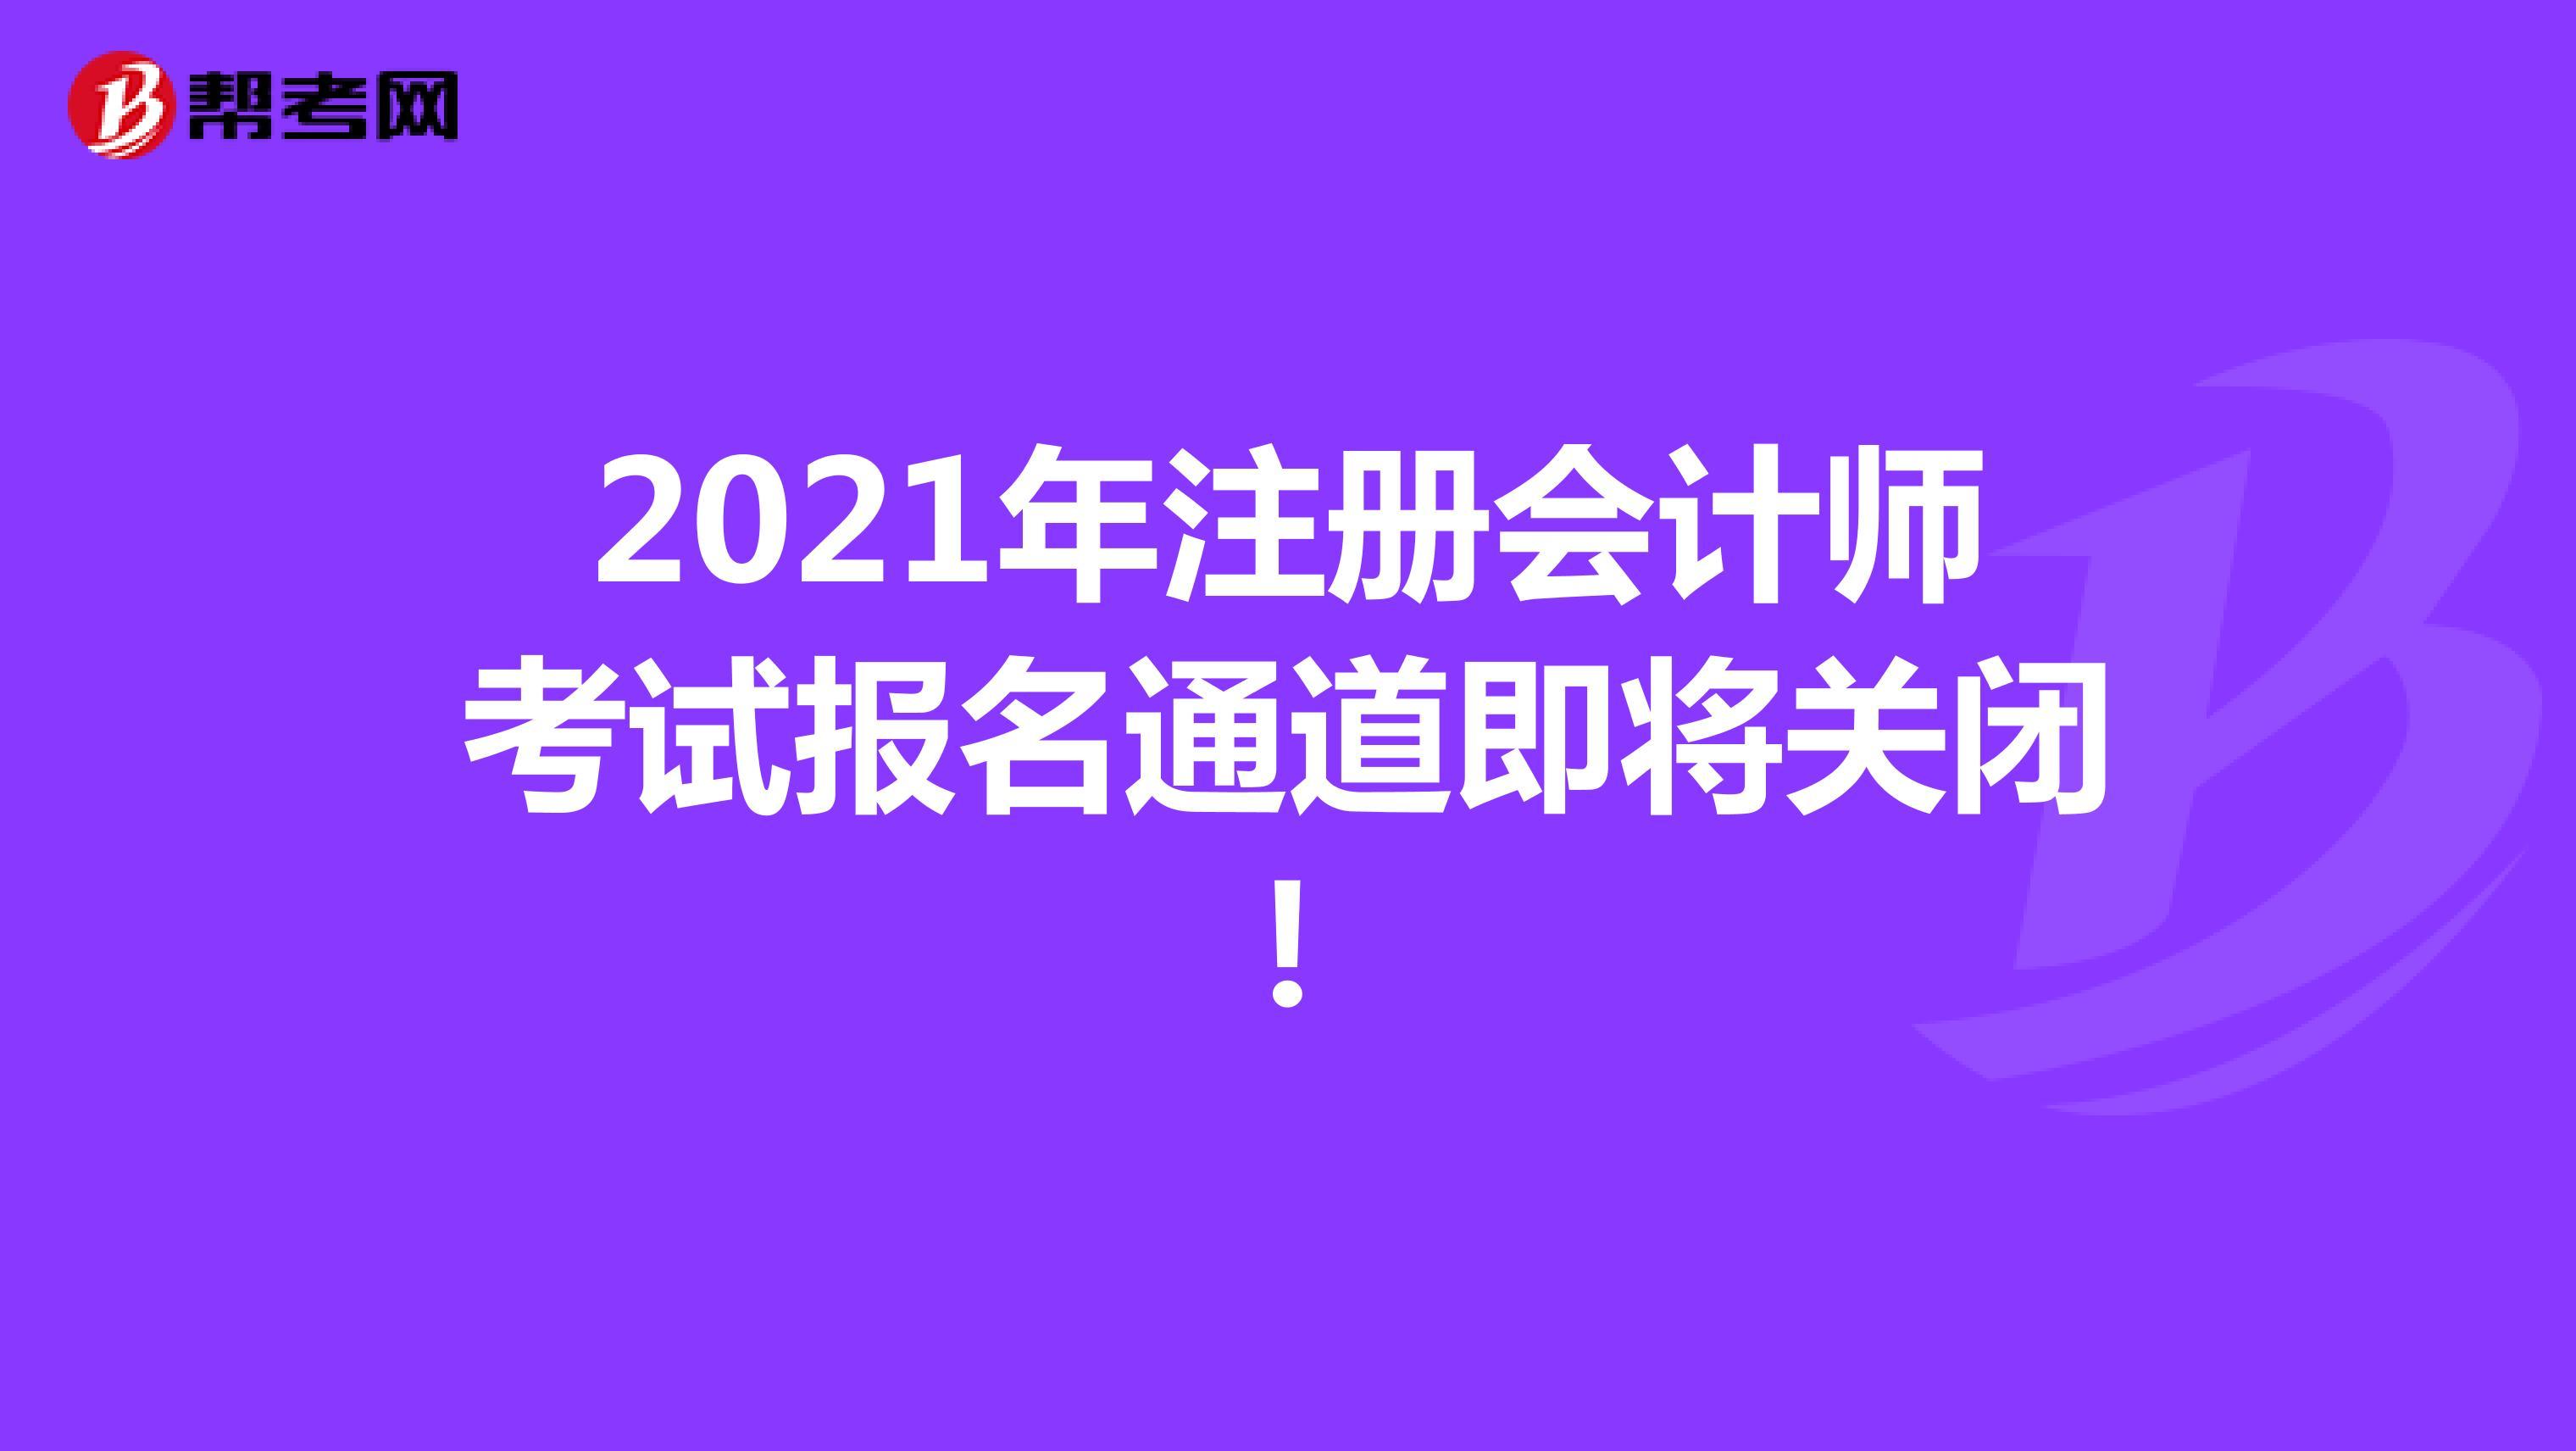 2021年注册会计师考试报名通道即将关闭!